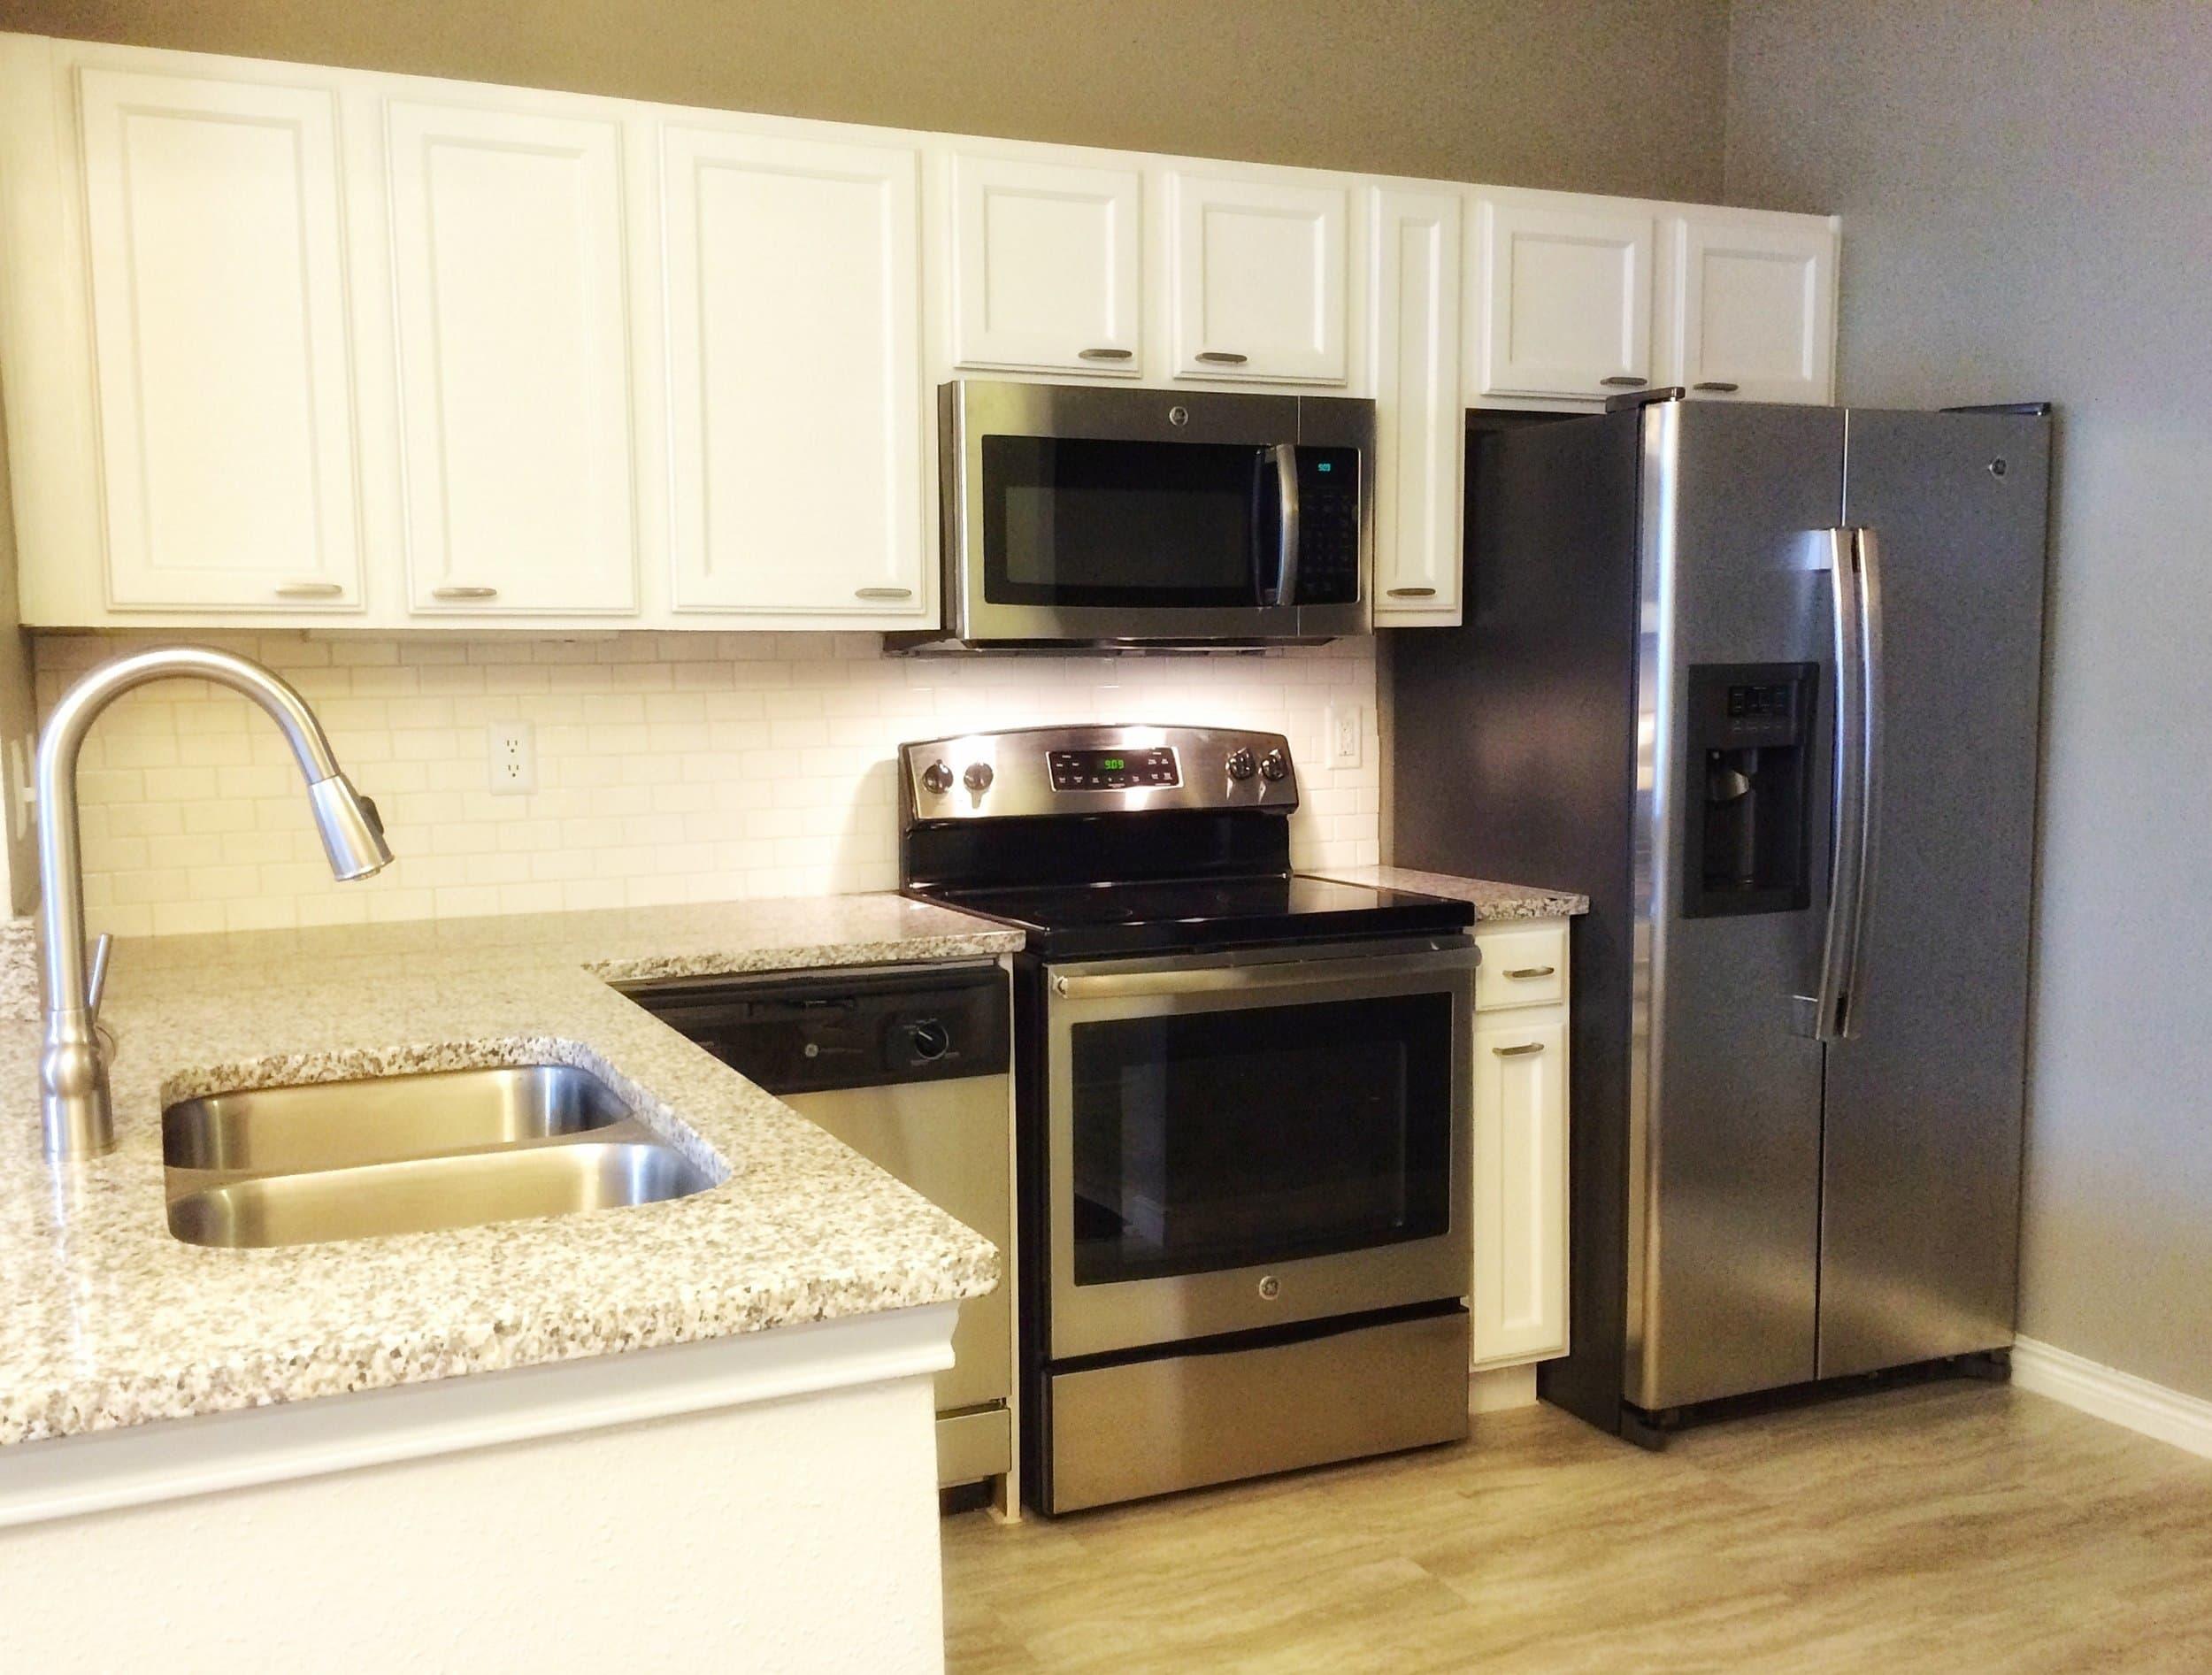 Kitchen at Verdir at Hermann Park in Houston, Texas